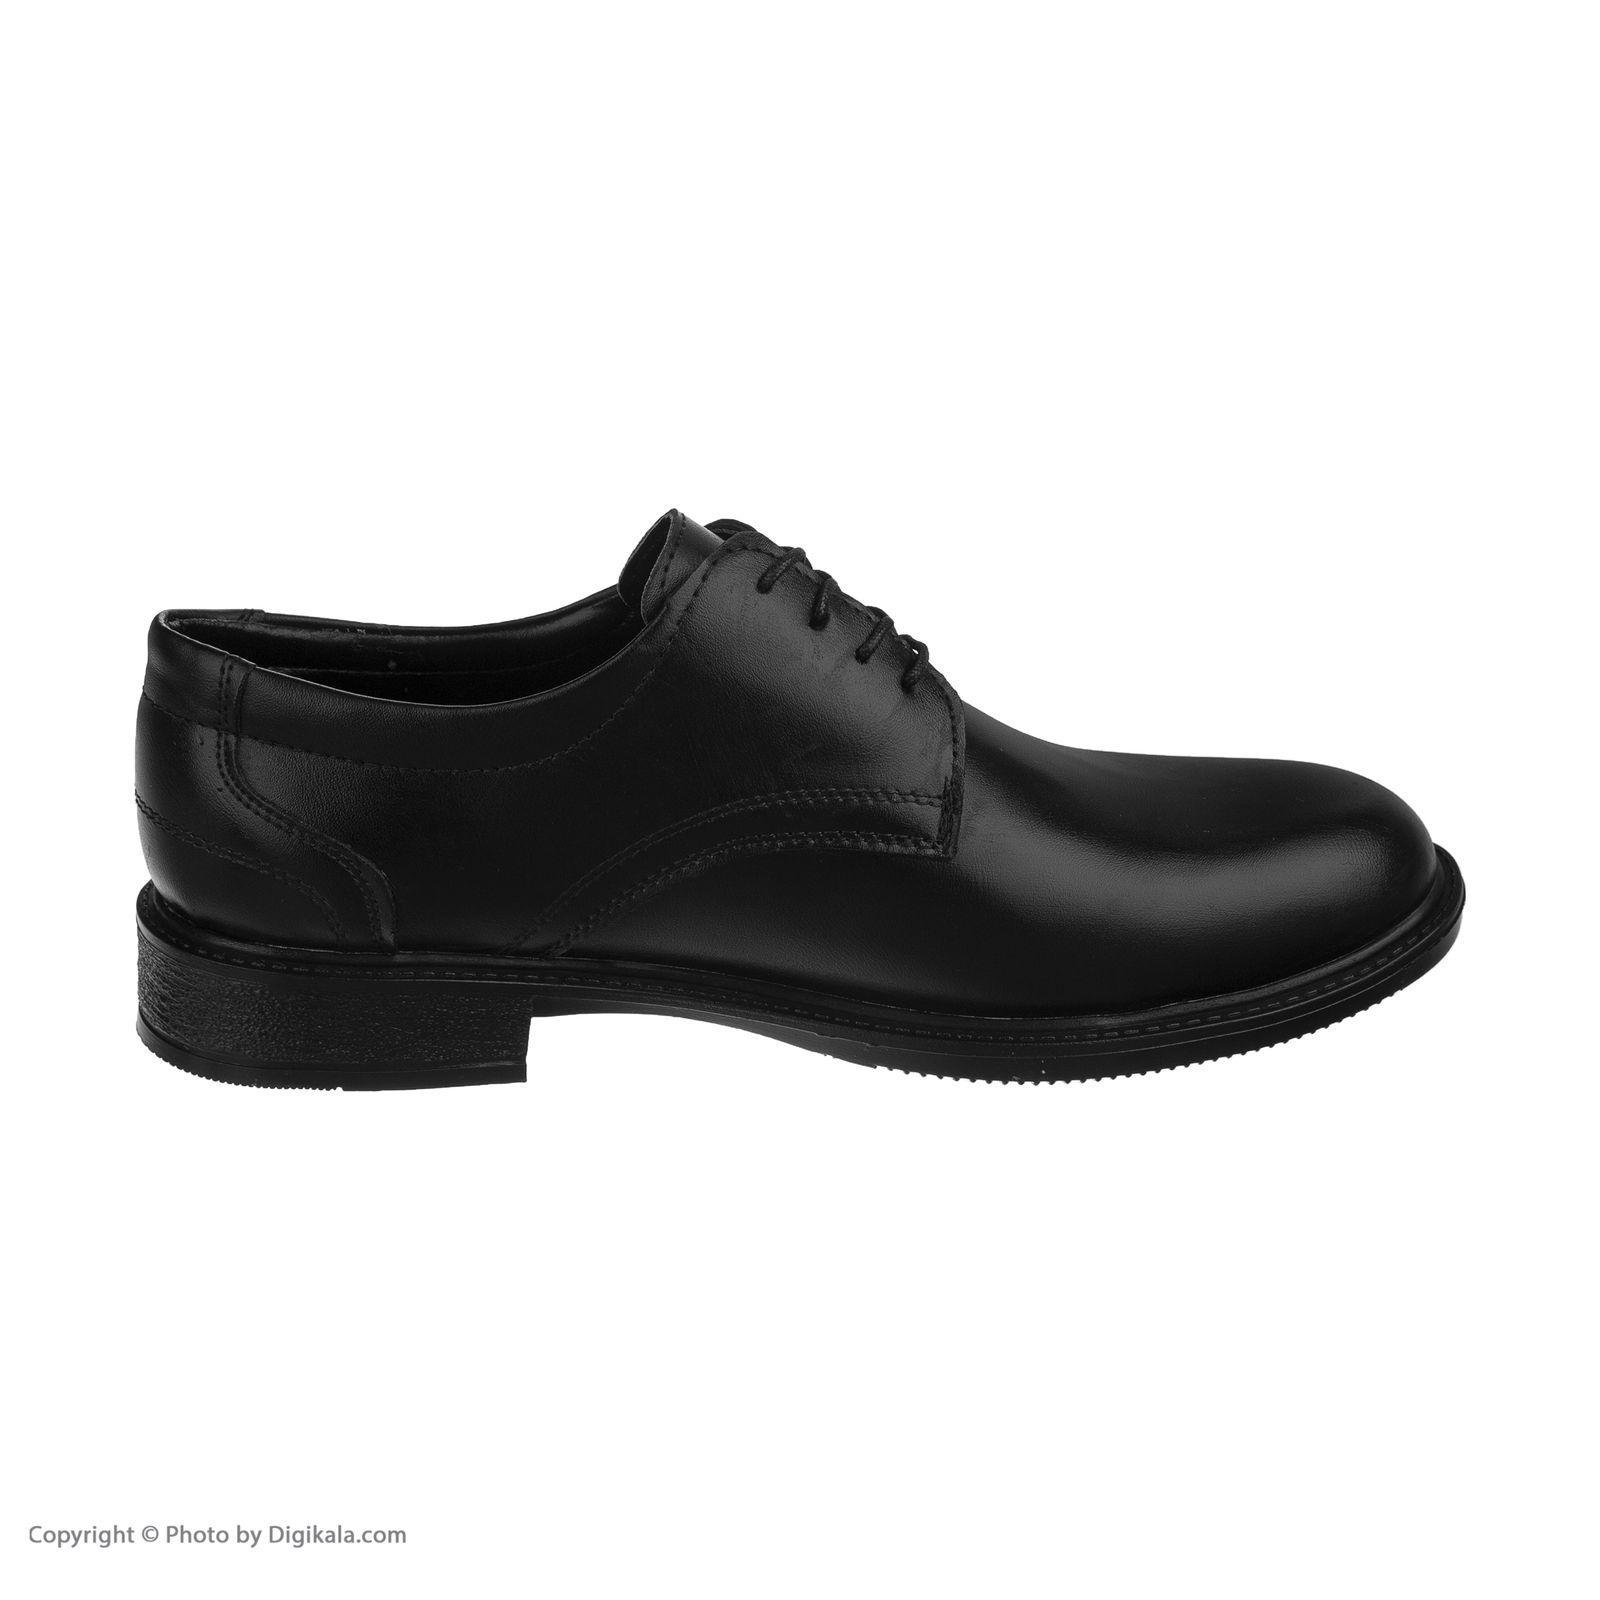 کفش مردانه مدل k.baz.102 -  - 4